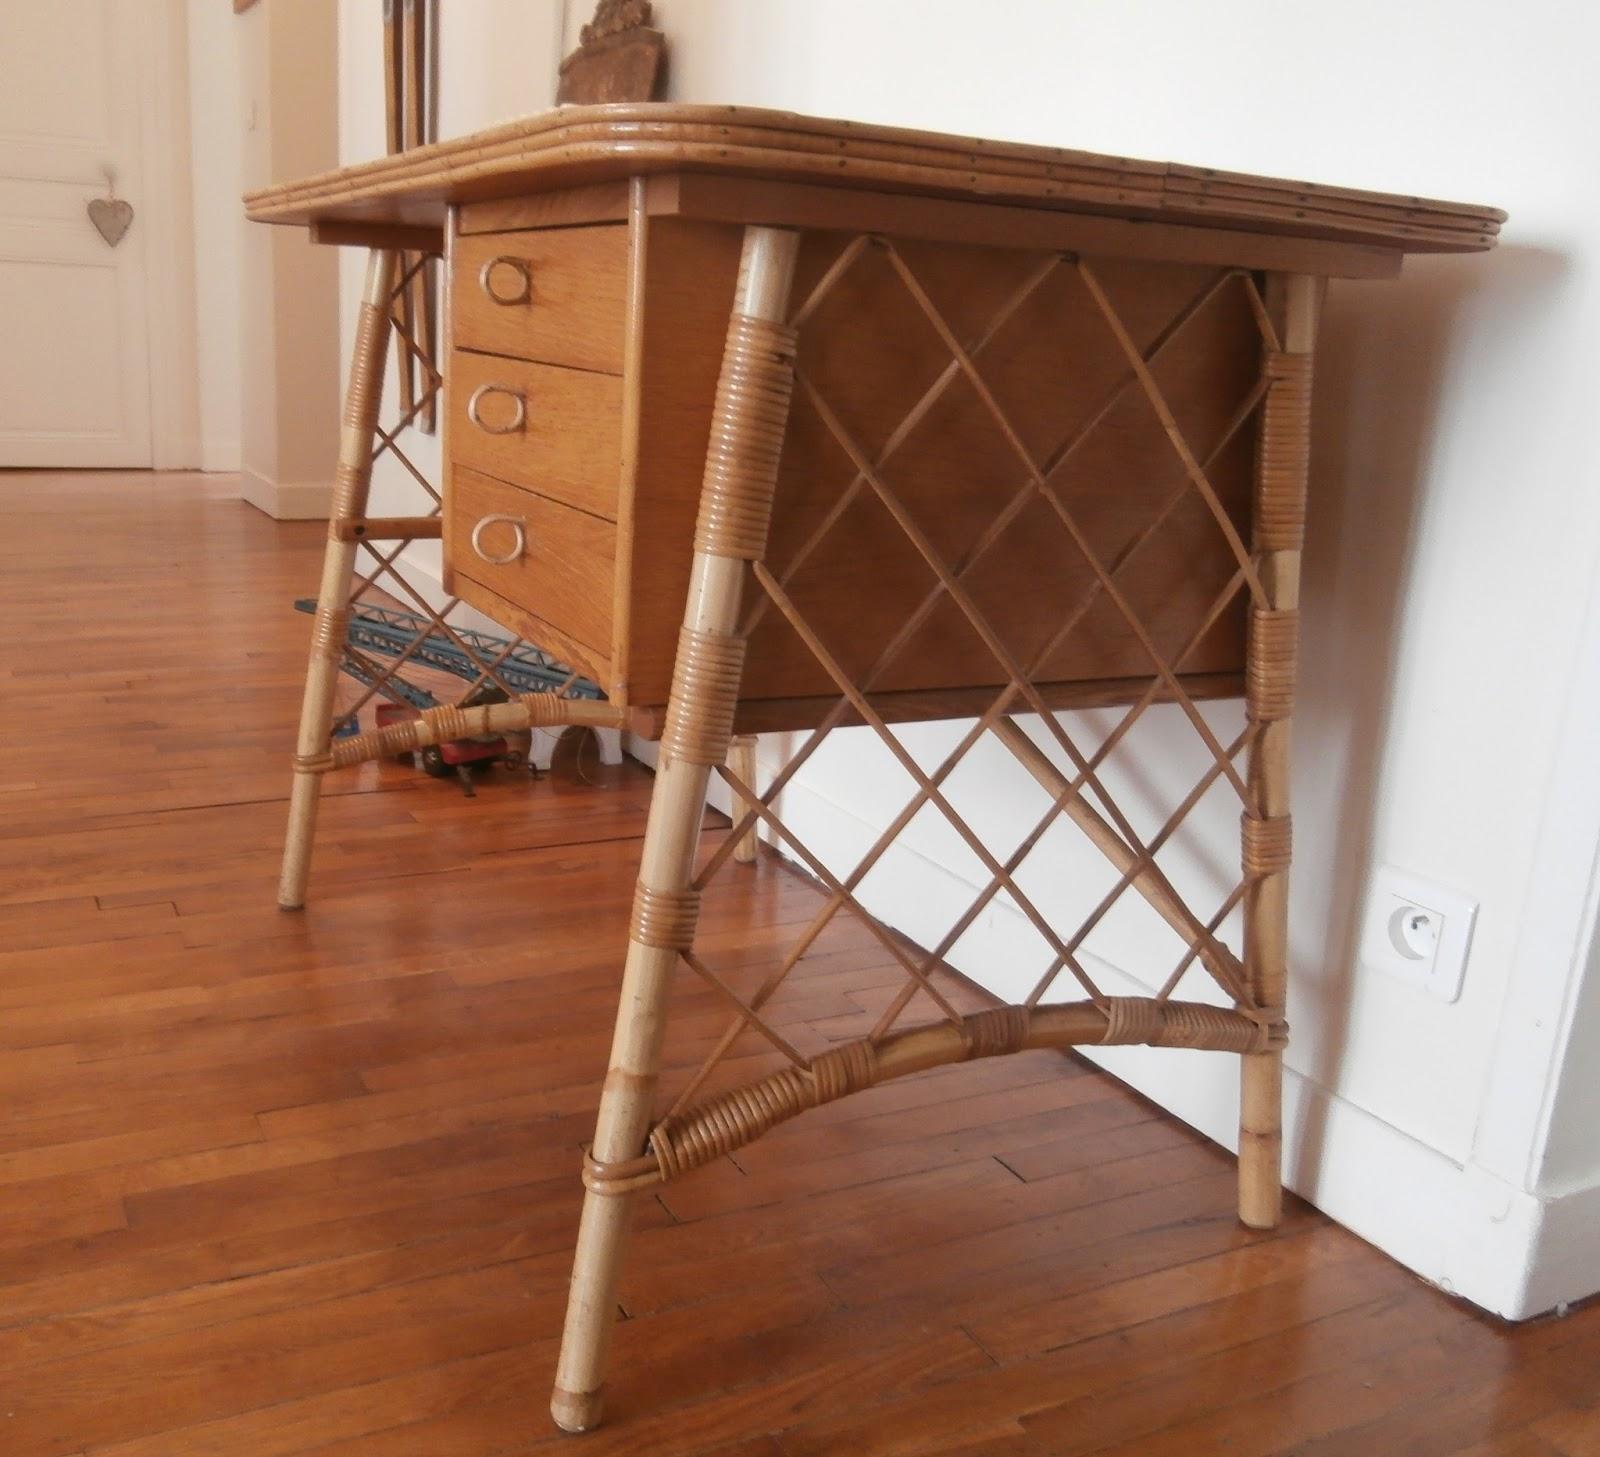 dur e de vie ind termin e bureau en rotin louis sognot. Black Bedroom Furniture Sets. Home Design Ideas